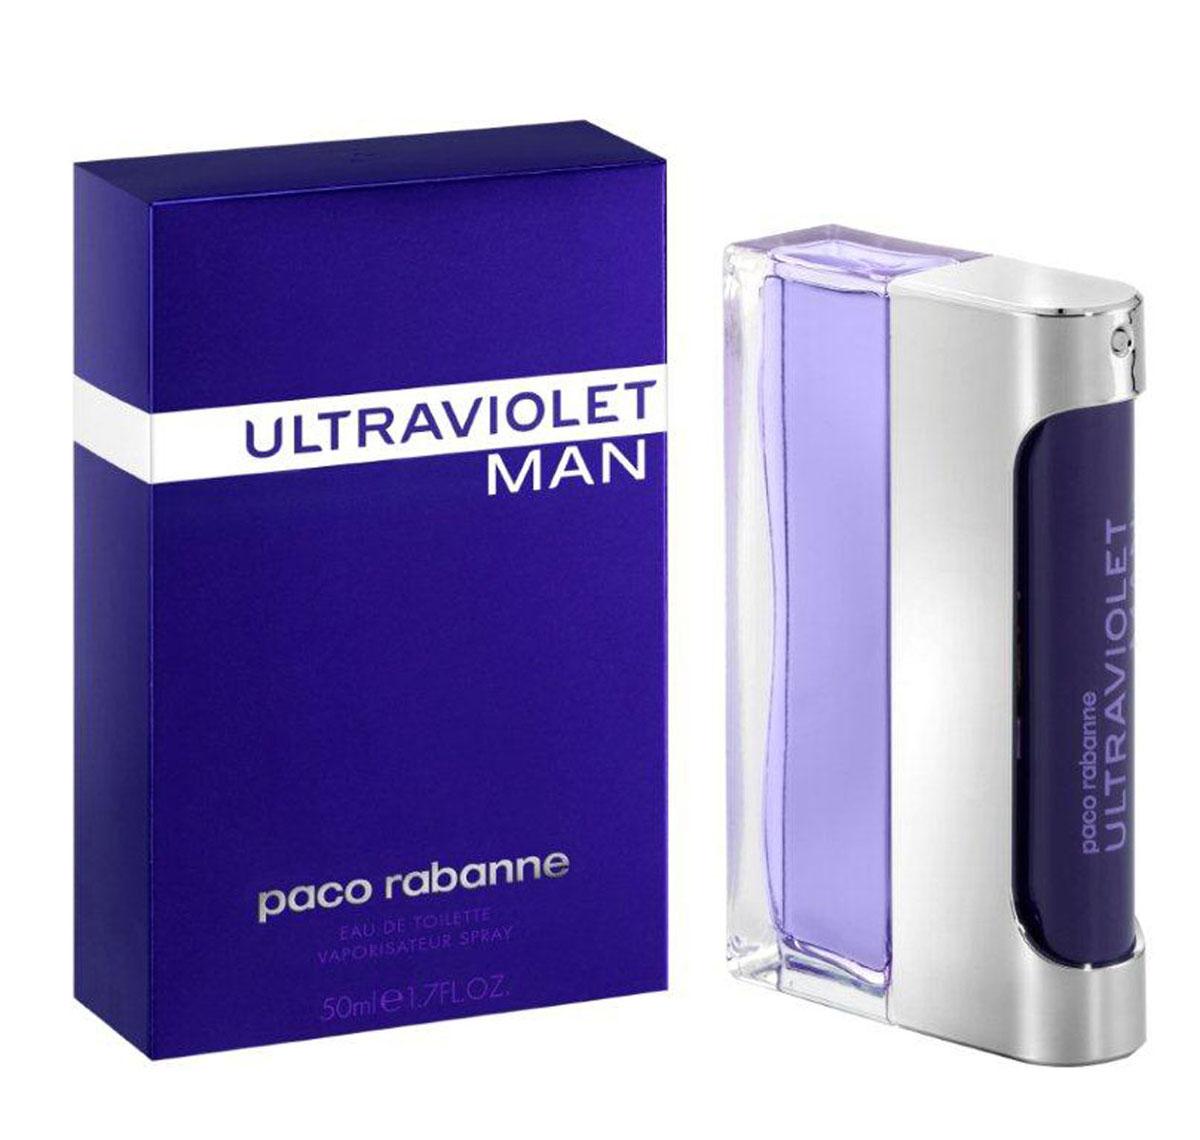 """Paco Rabanne Туалетная вода """"Ultraviolet Man"""", мужская, 50 мл 3349666010525"""